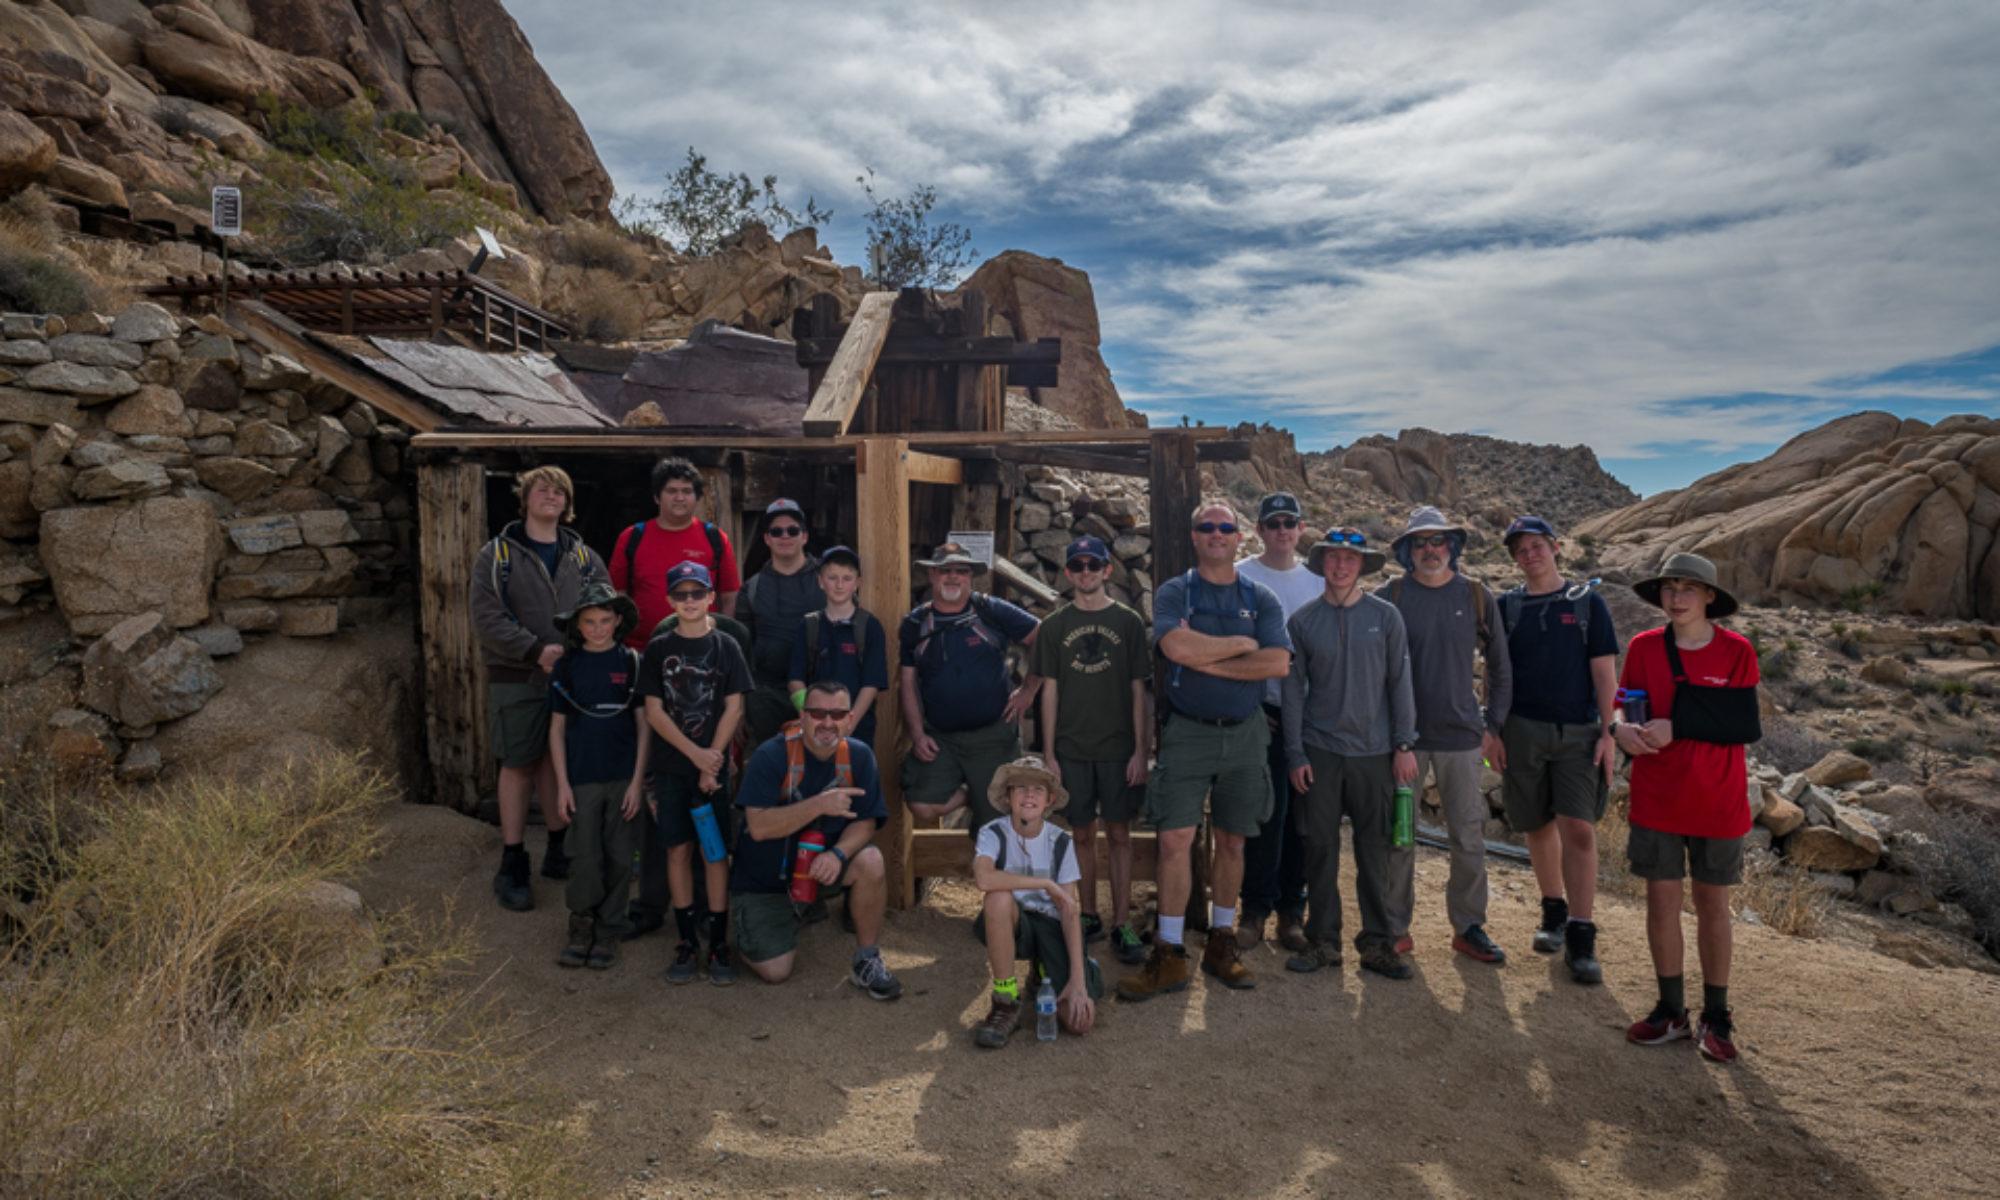 Troop 384 Santee, Boy Scouts of America